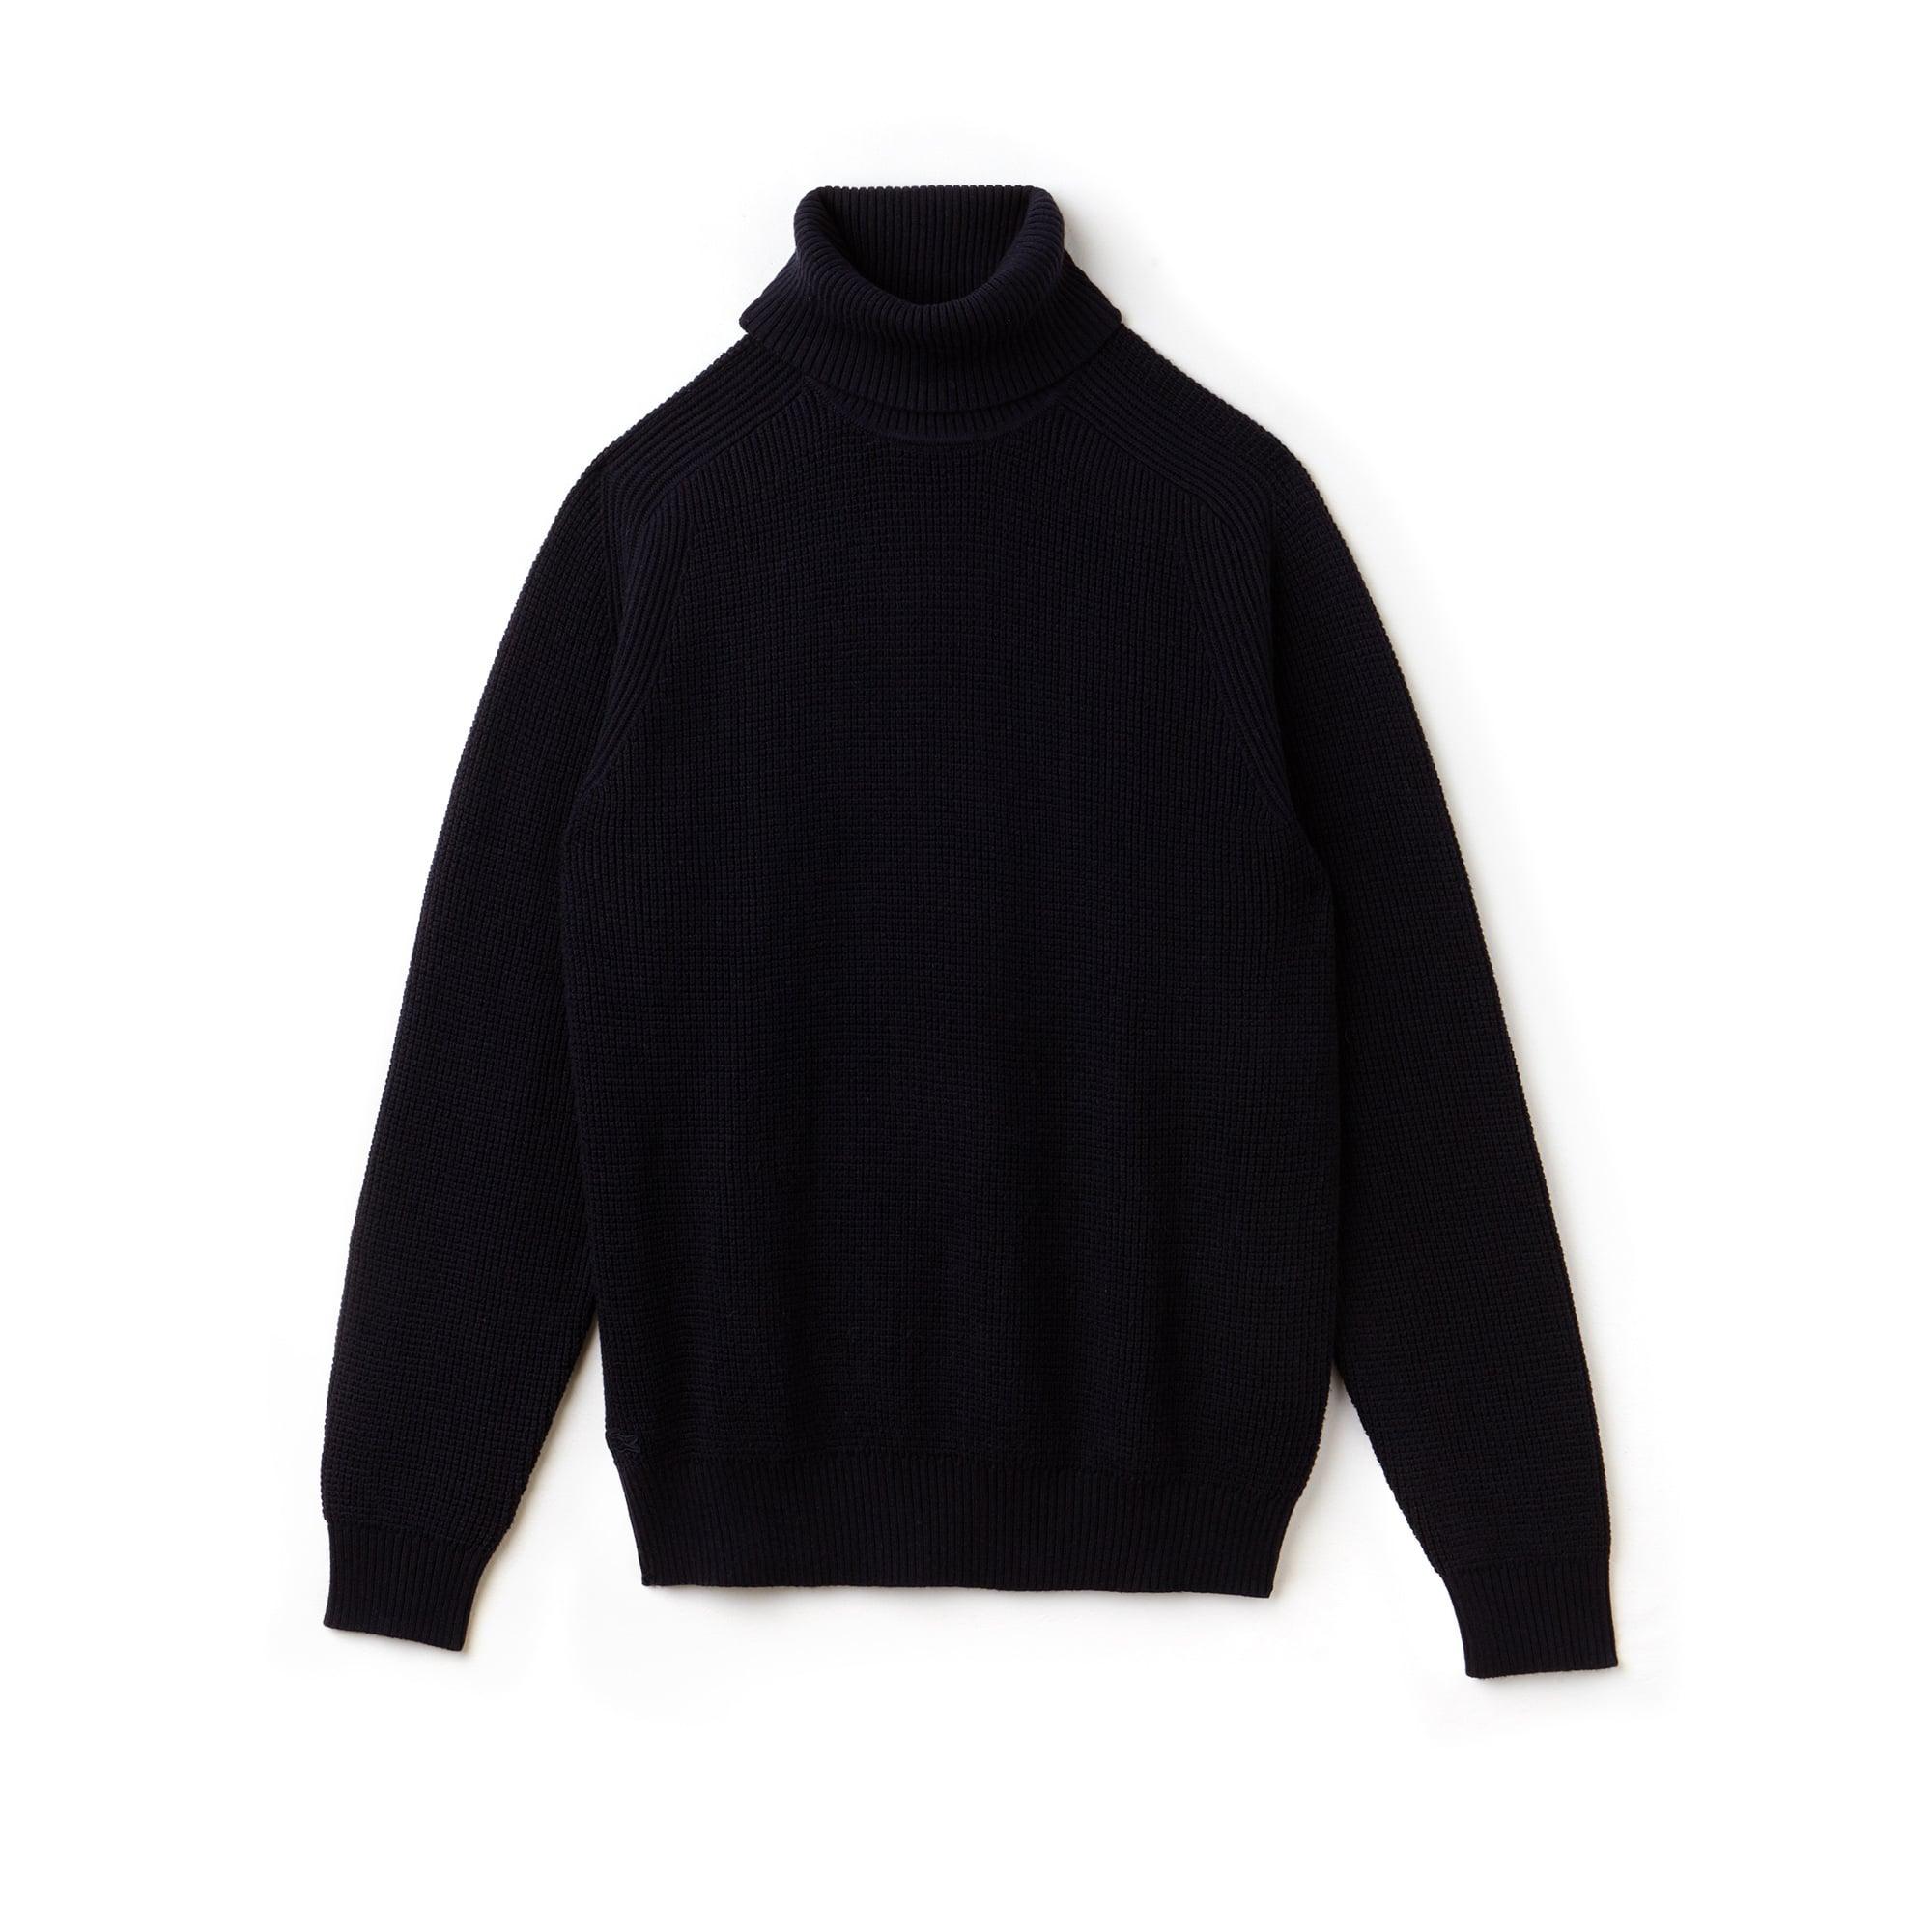 Pullover con collo alto in lana e cotone goffrati tinta unita